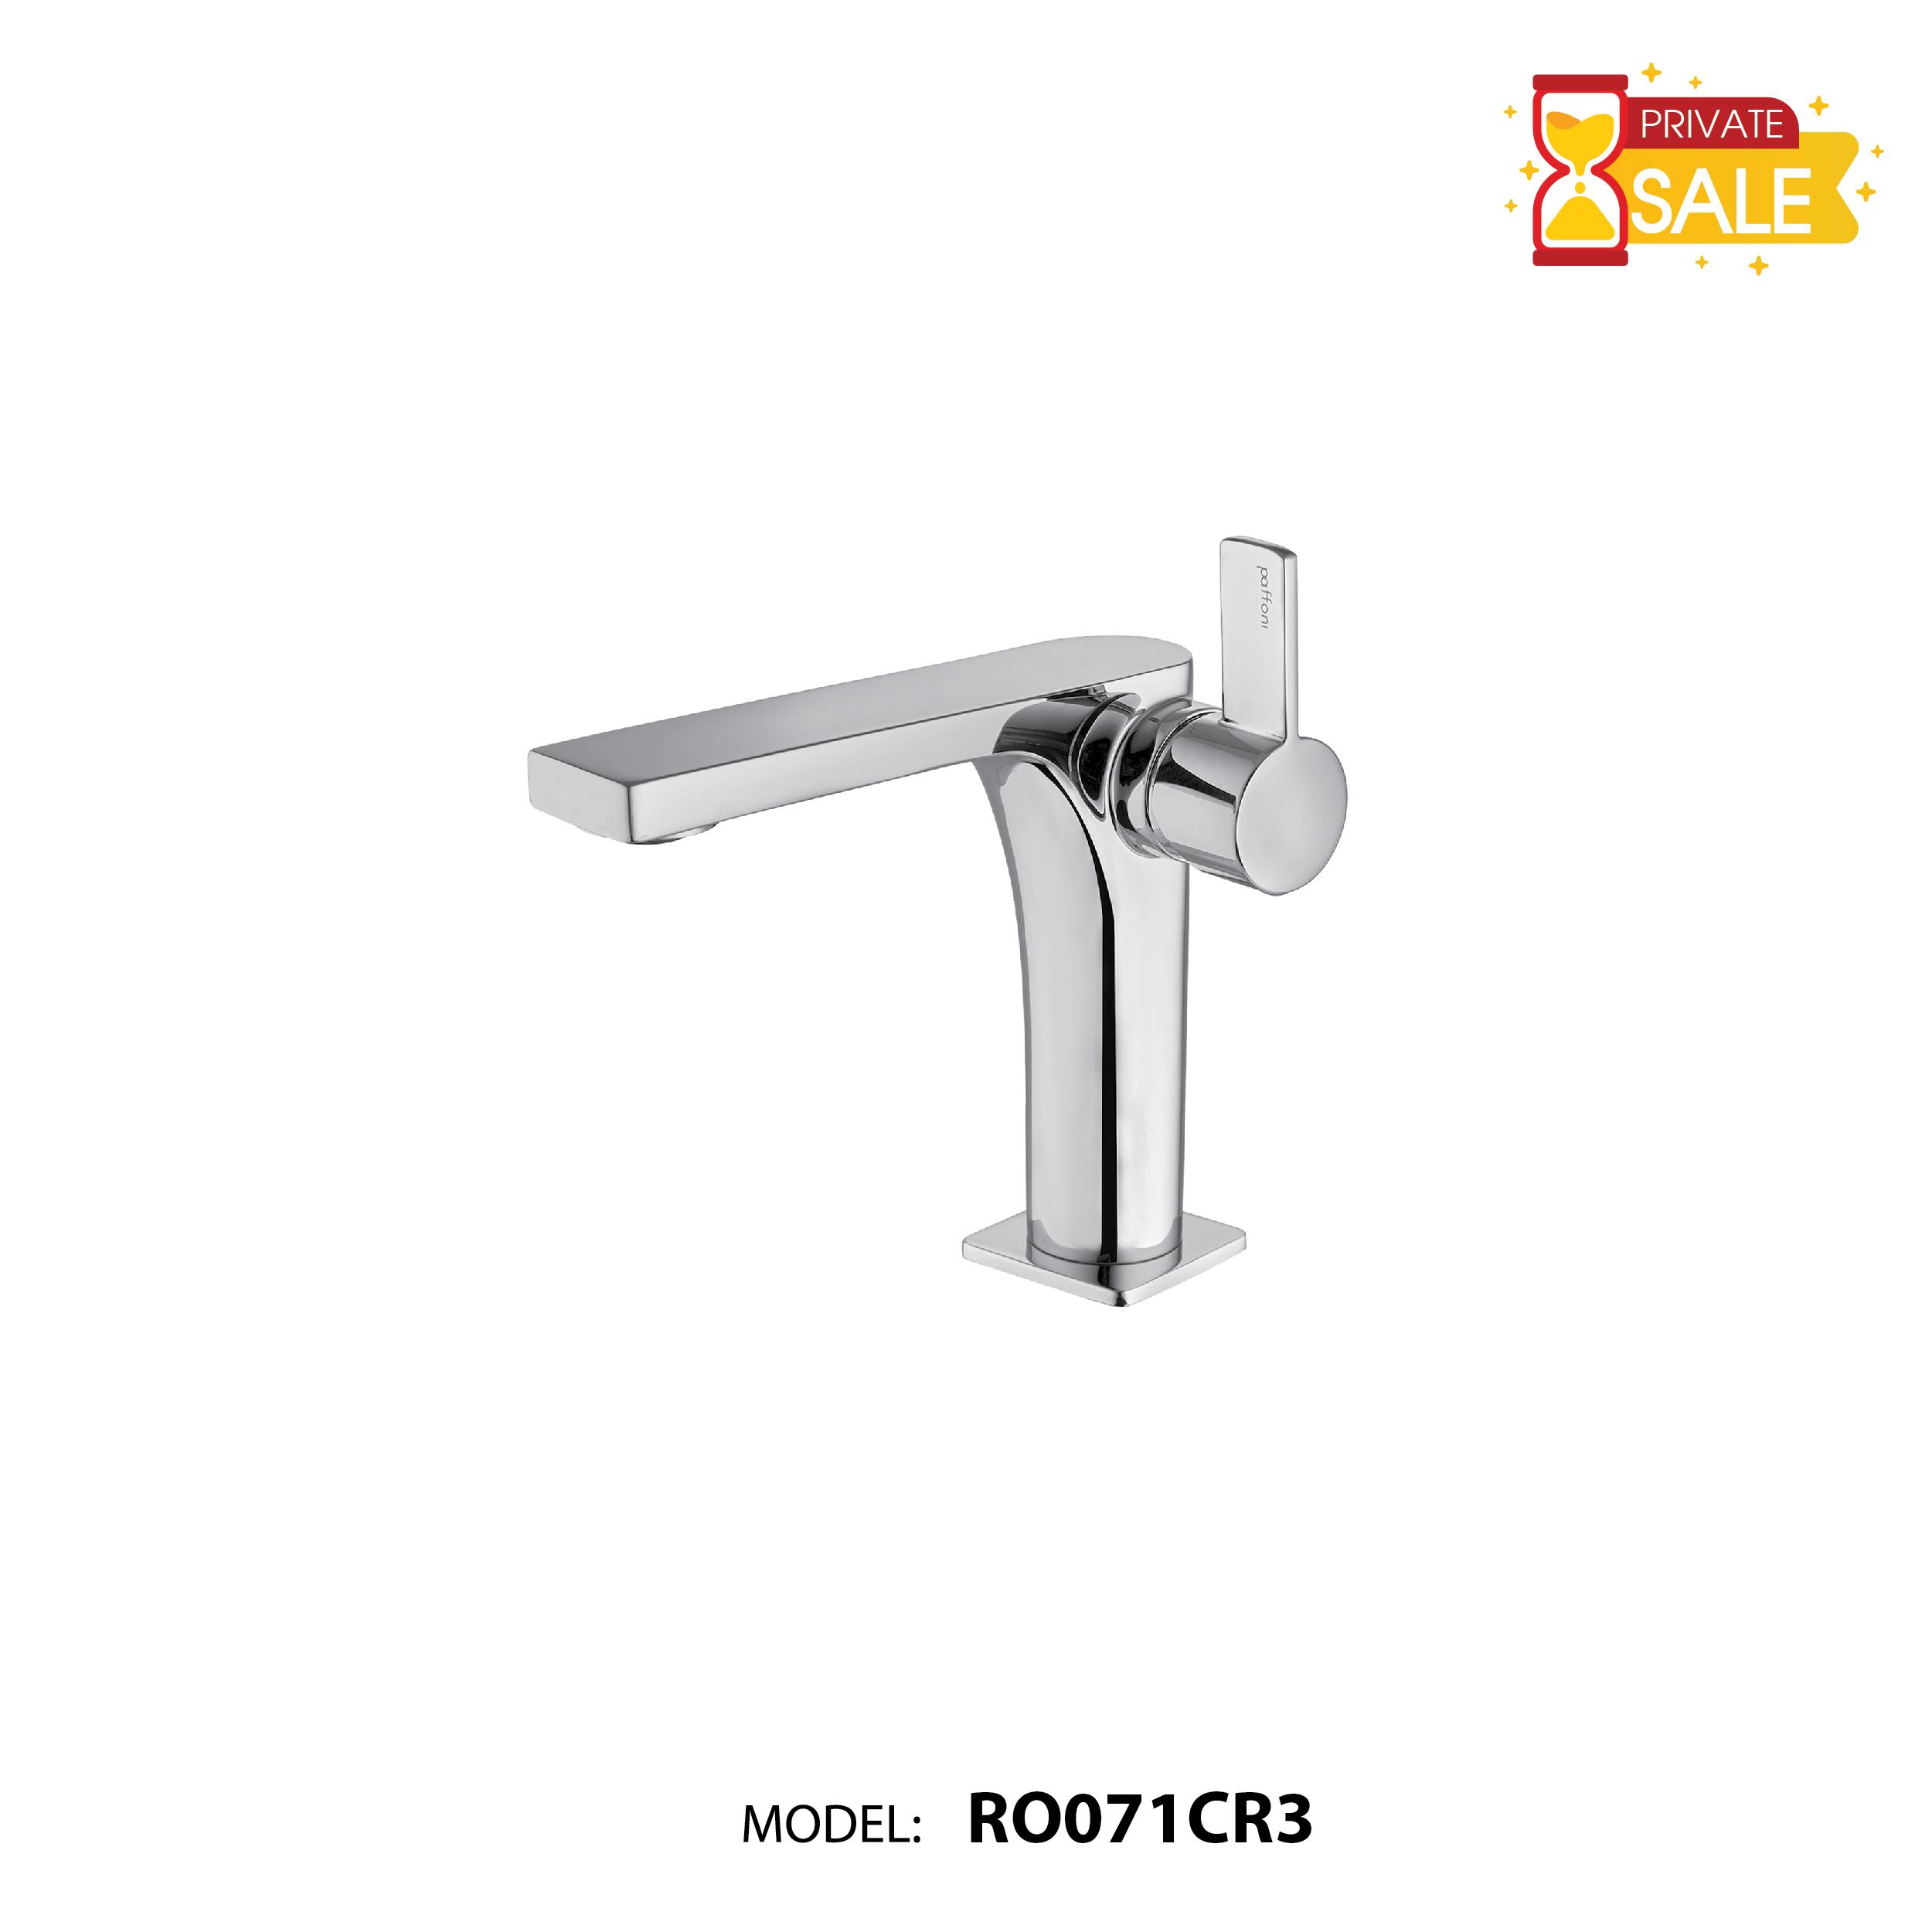 VÒI CHẬU NÓNG LẠNH PAFFONI RO071CR3 (Vòi lavabo model: RO071CR3)